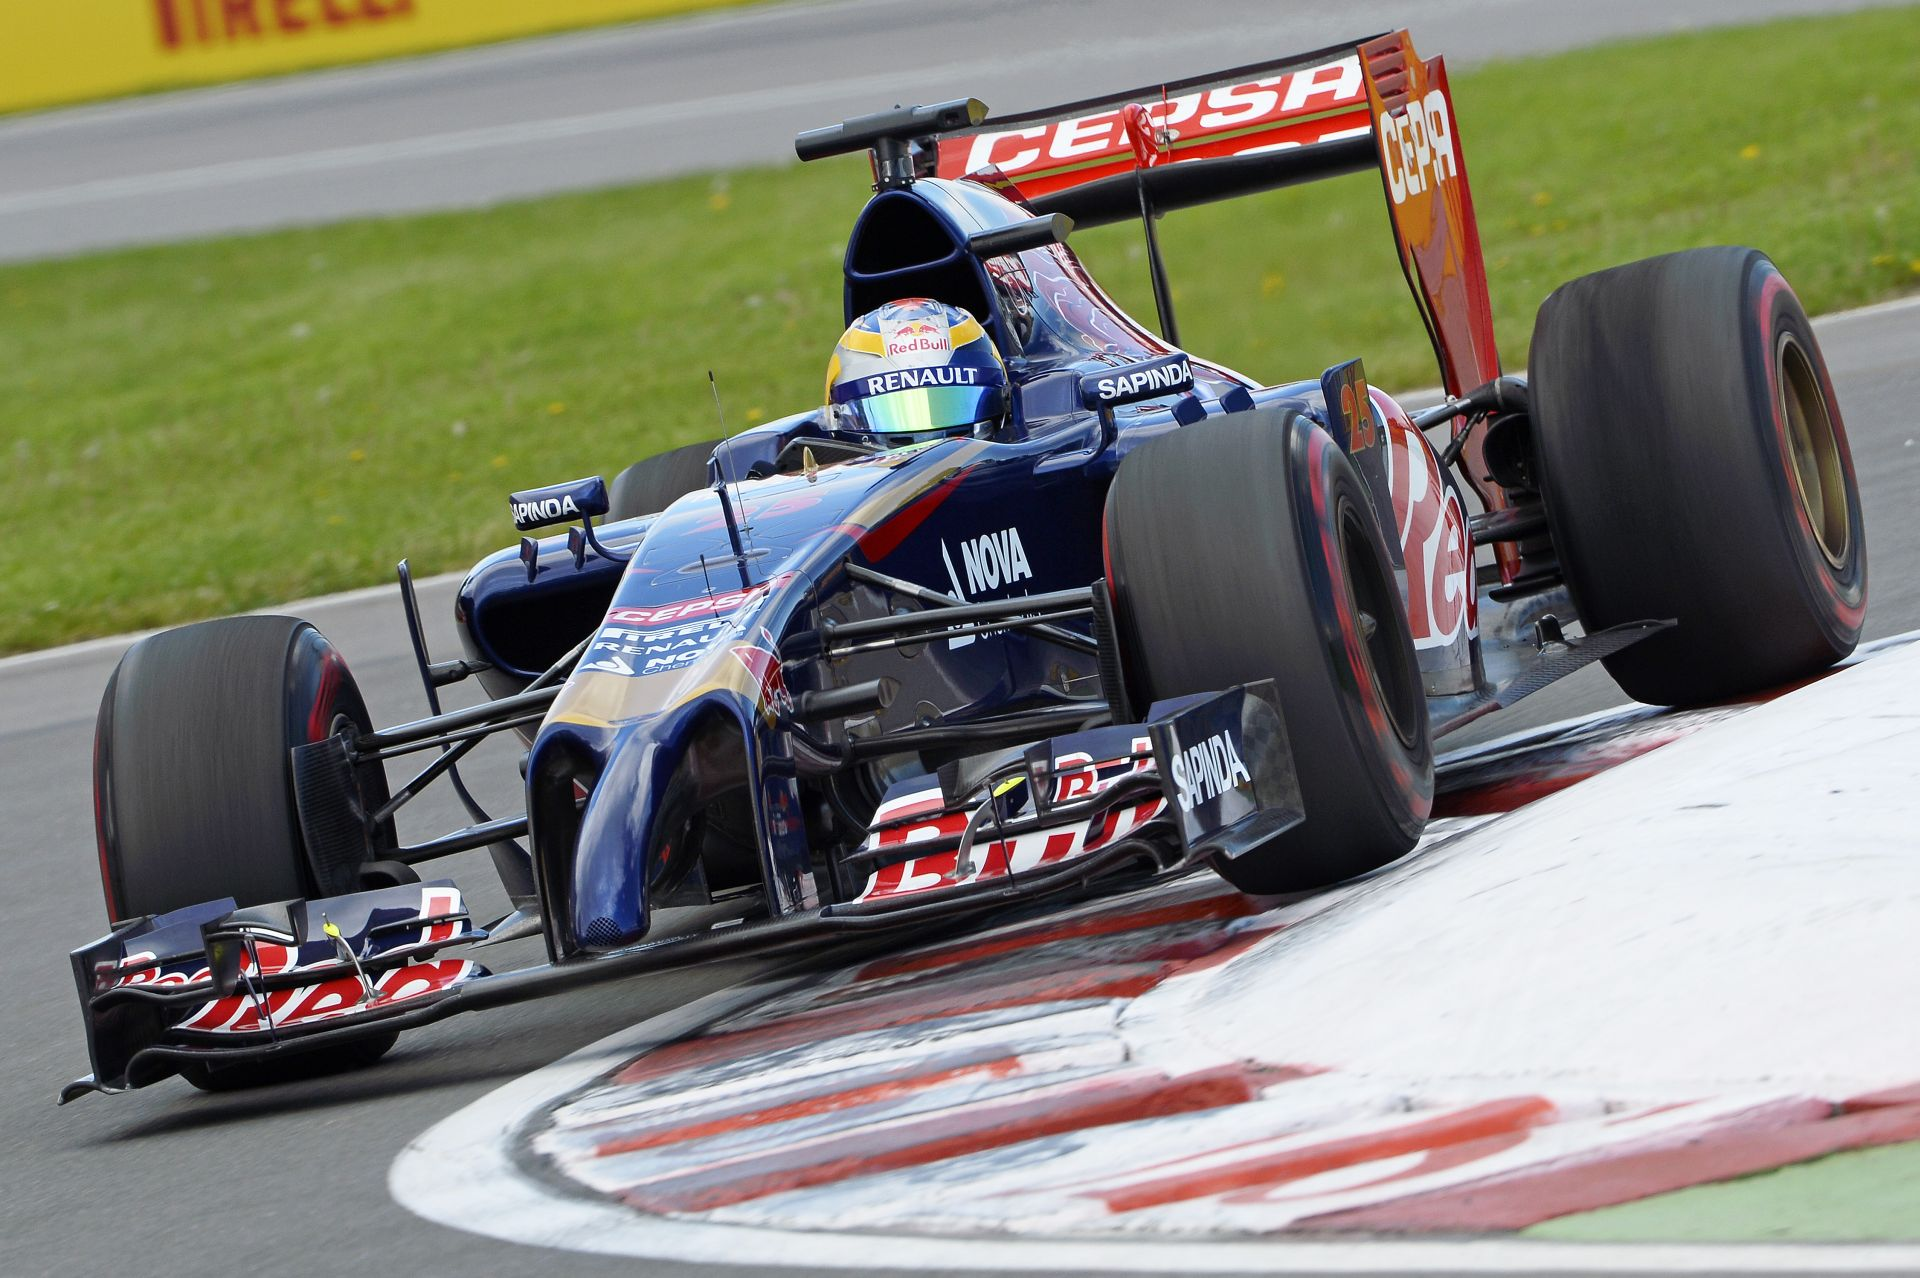 Az FIA már vizsgálja a Renault állítólagos illegális tesztjének körülményeit